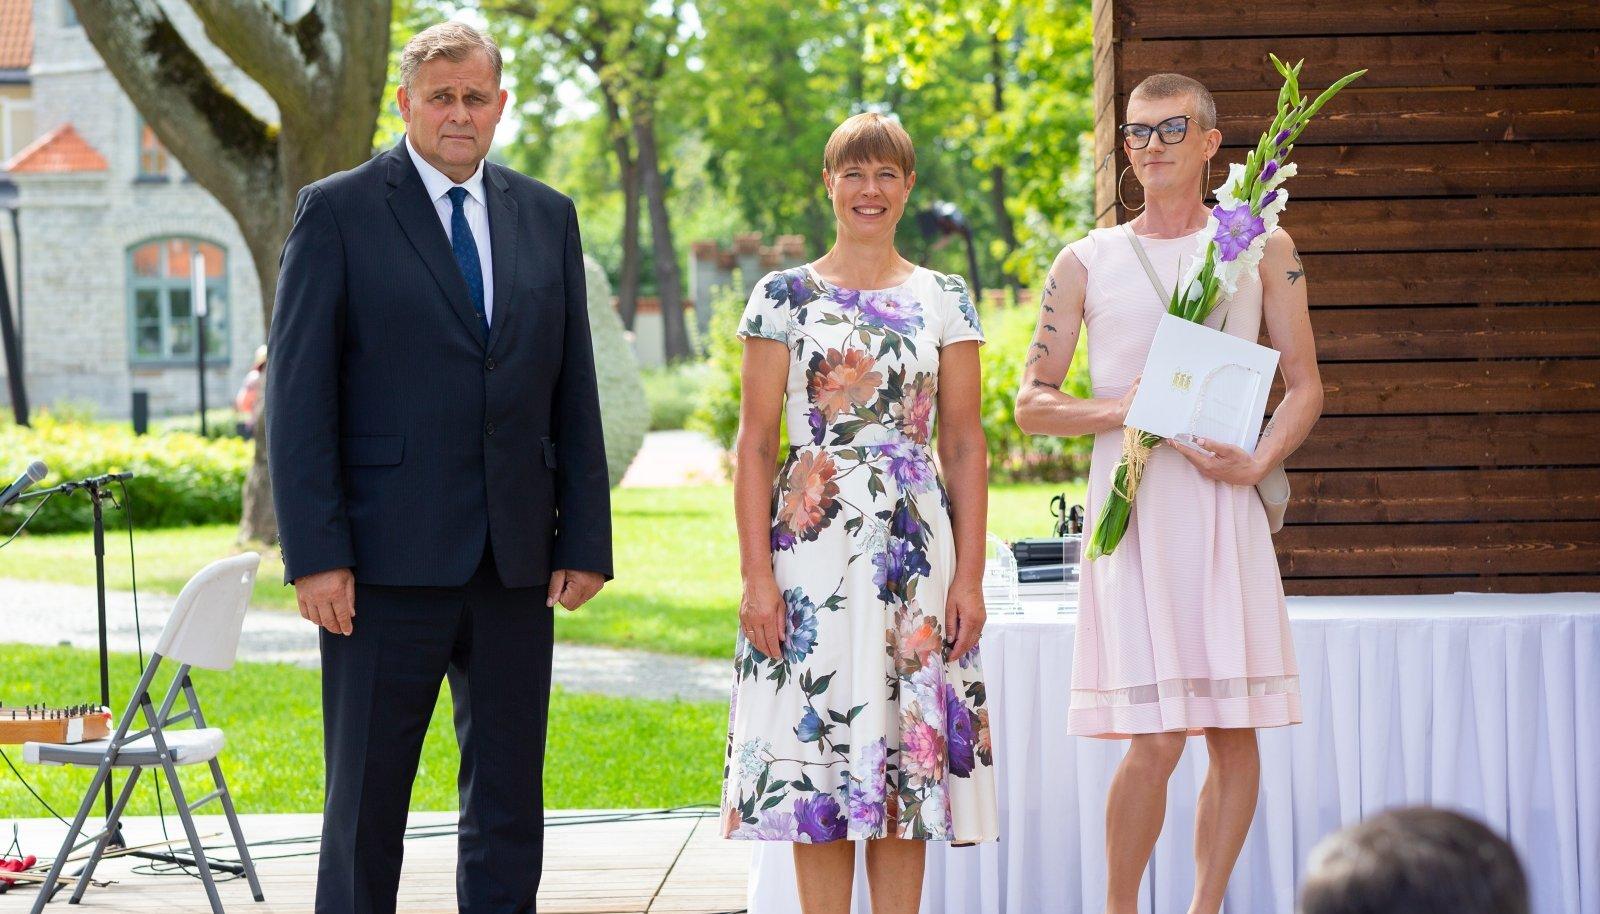 Üks kõnekamaid žeste Kersti Kaljulaidi töös oli vägivallaennetuse auhinna andmine kleidis ja stilettodes Mihkel Pärnitsale.